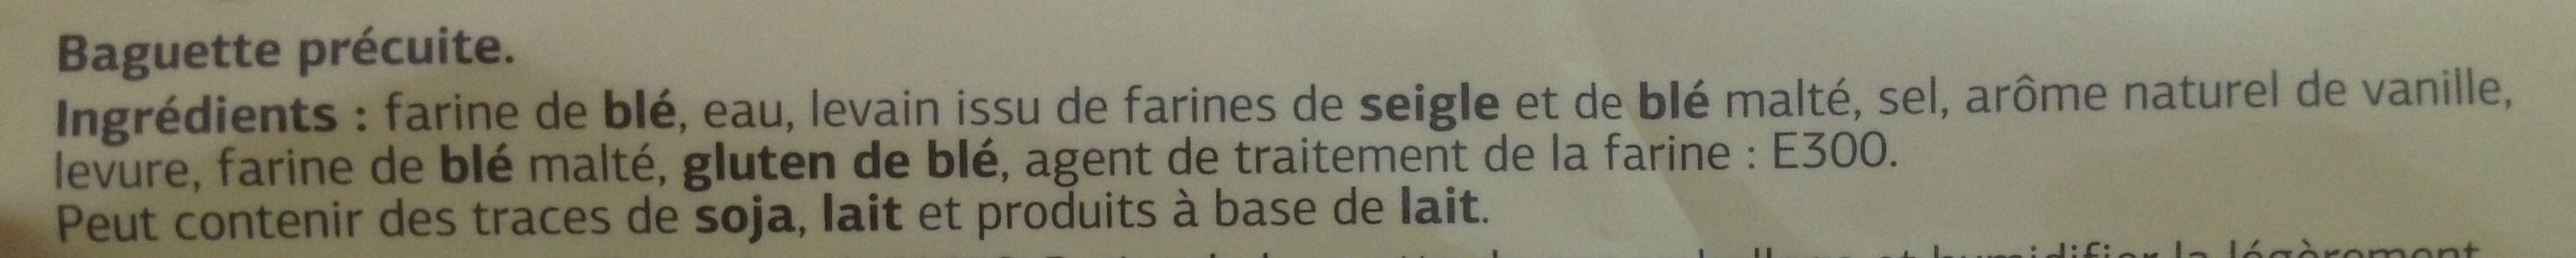 Baguette précuite - Ingrédients